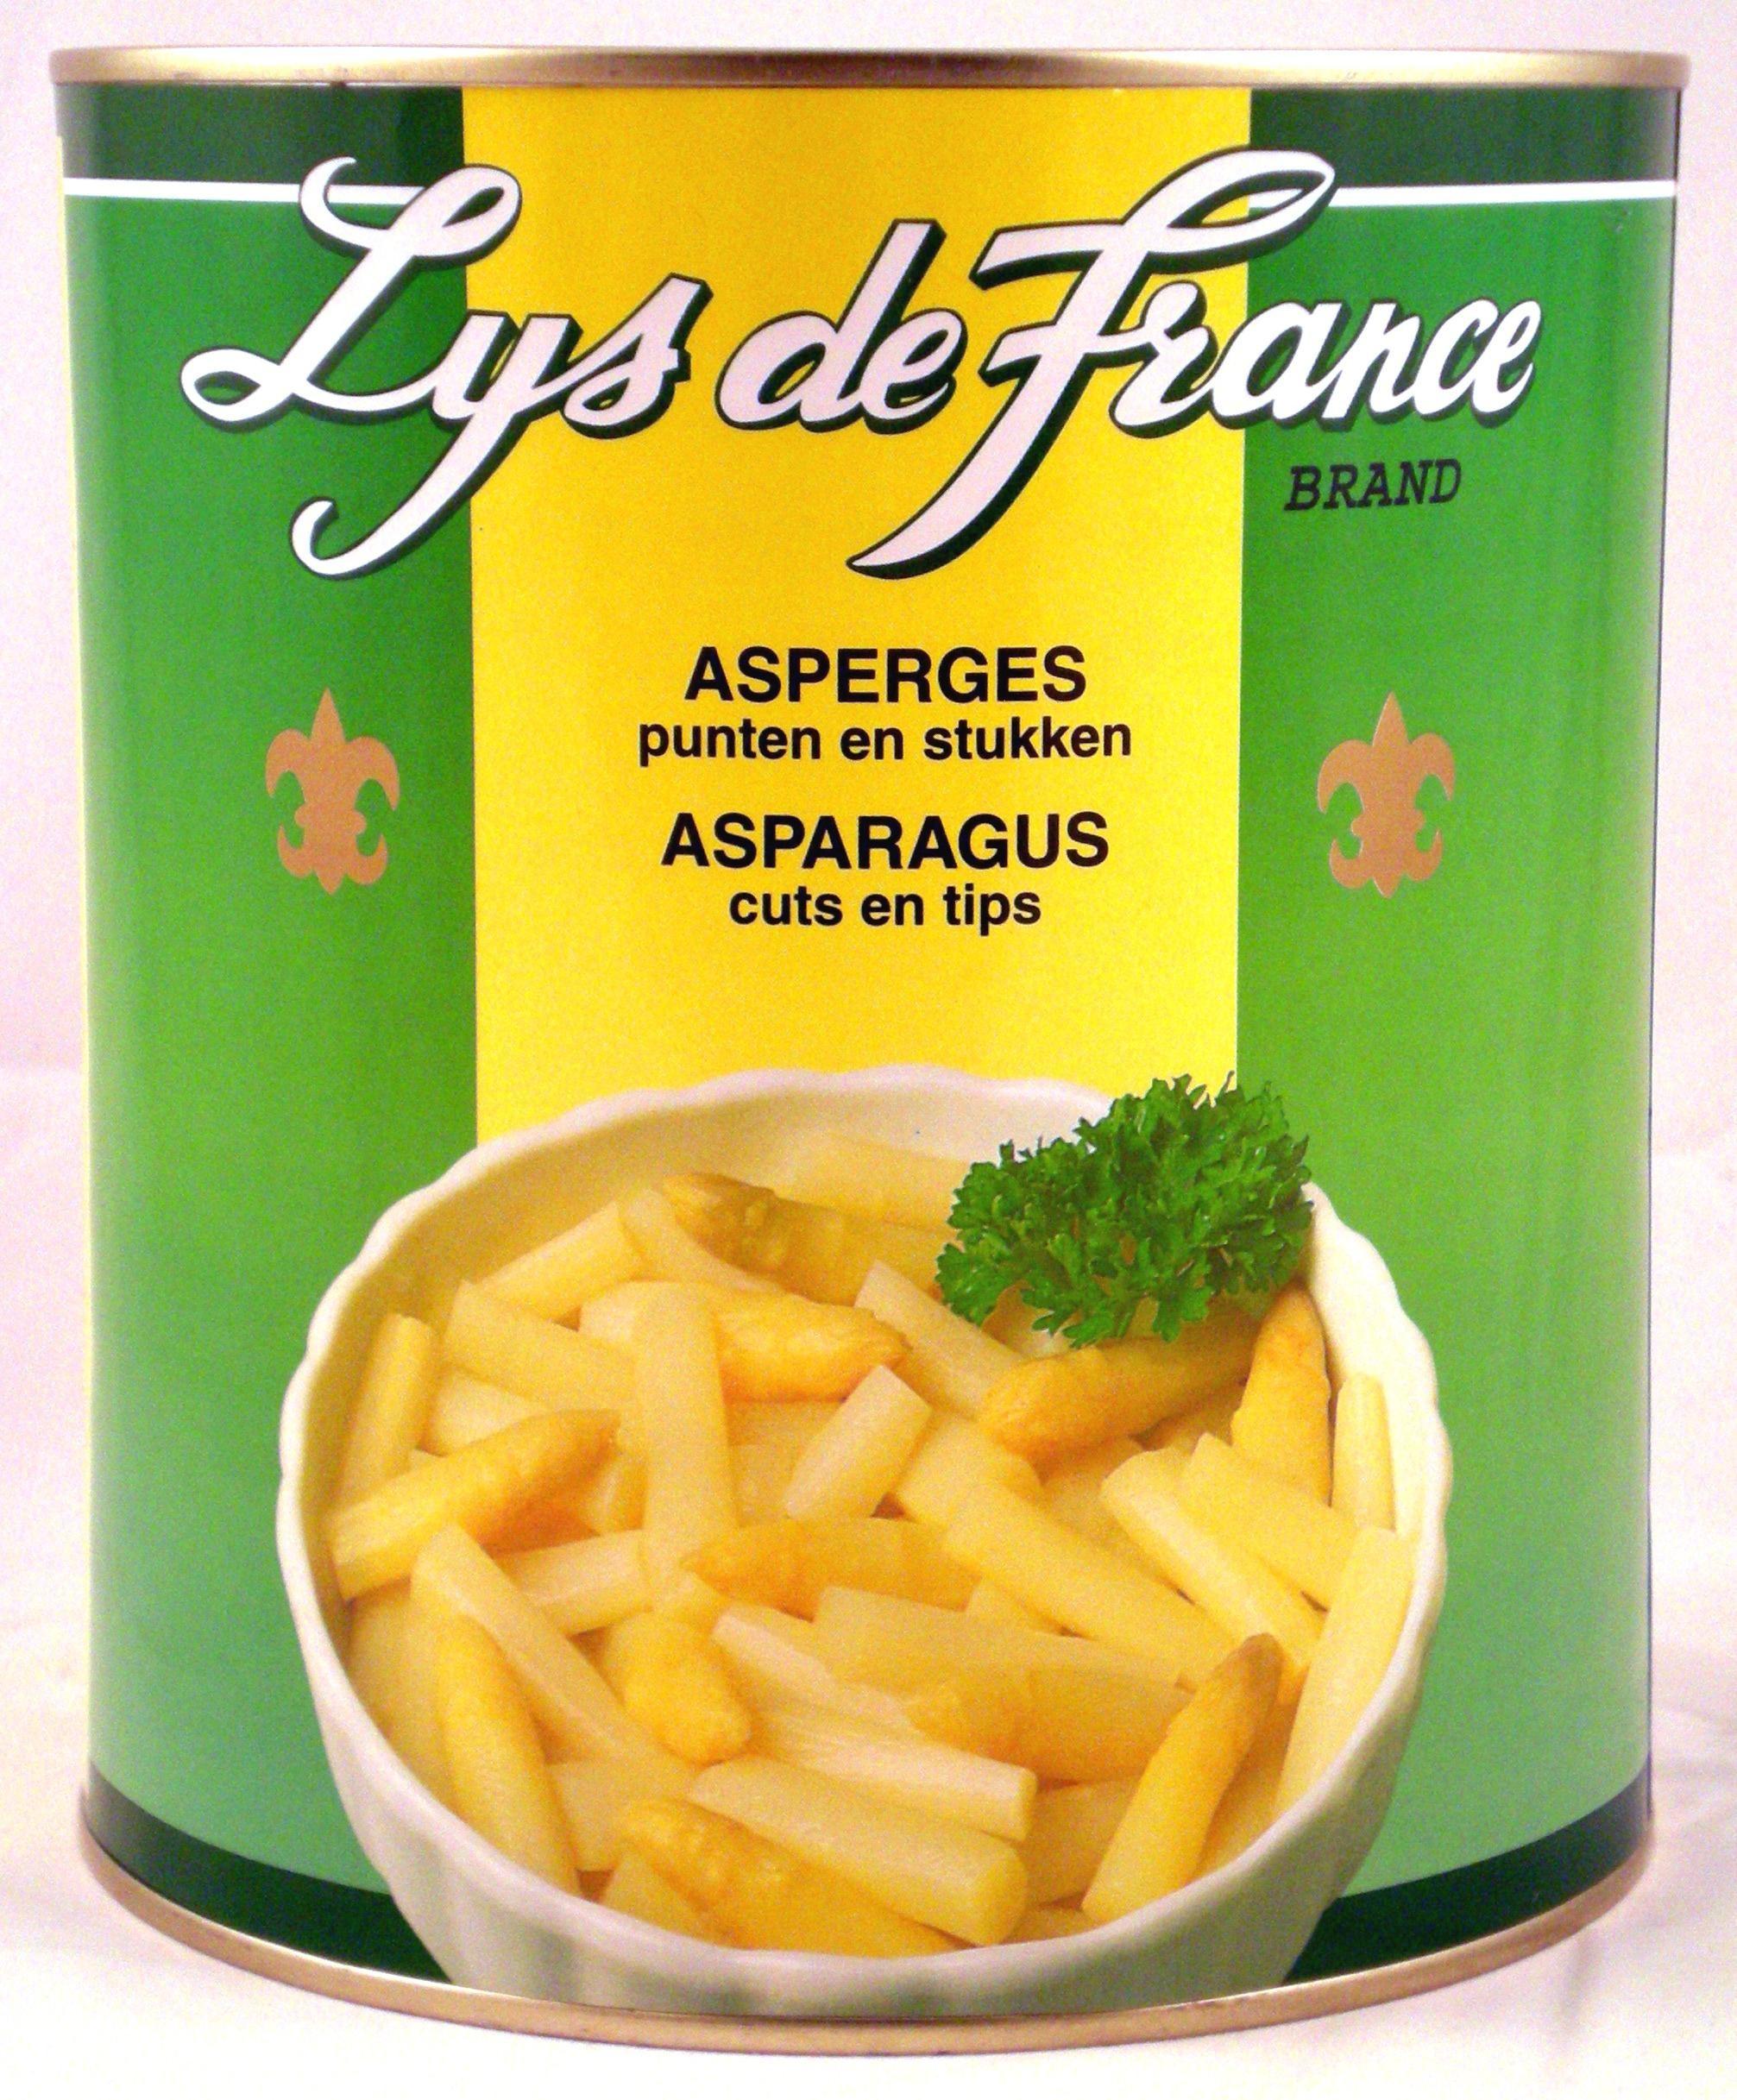 Asperges Blanches Pointes et Morceaux 3L Lys de France